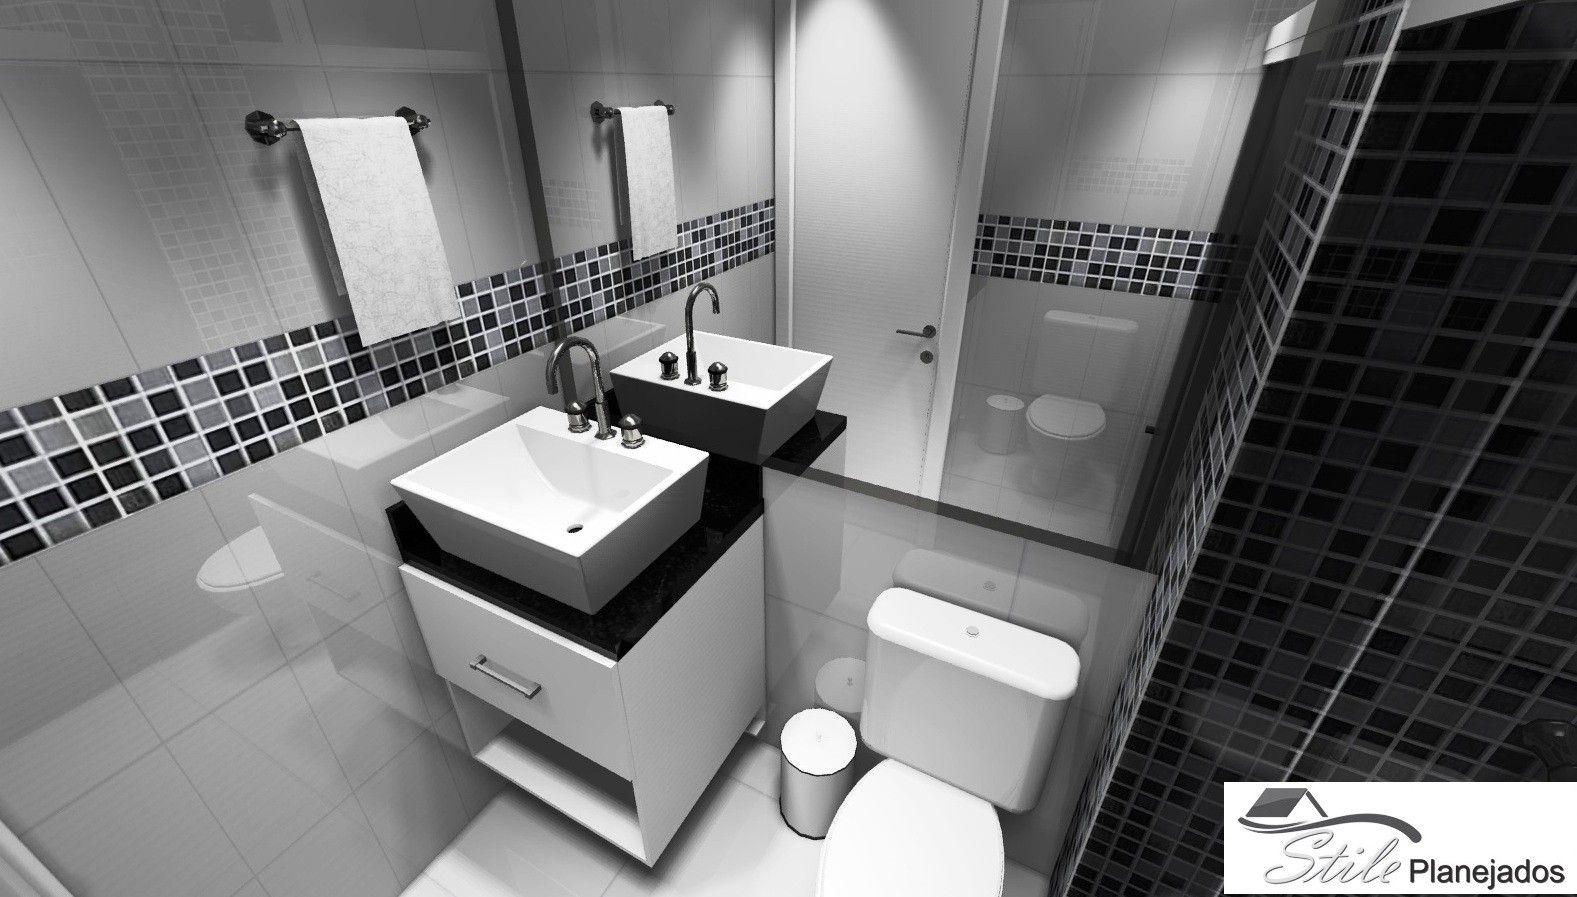 Móveis sob Medida para Banheiros Preço no Jardim Santa Zélia - Móveis sob Medida para Cozinha